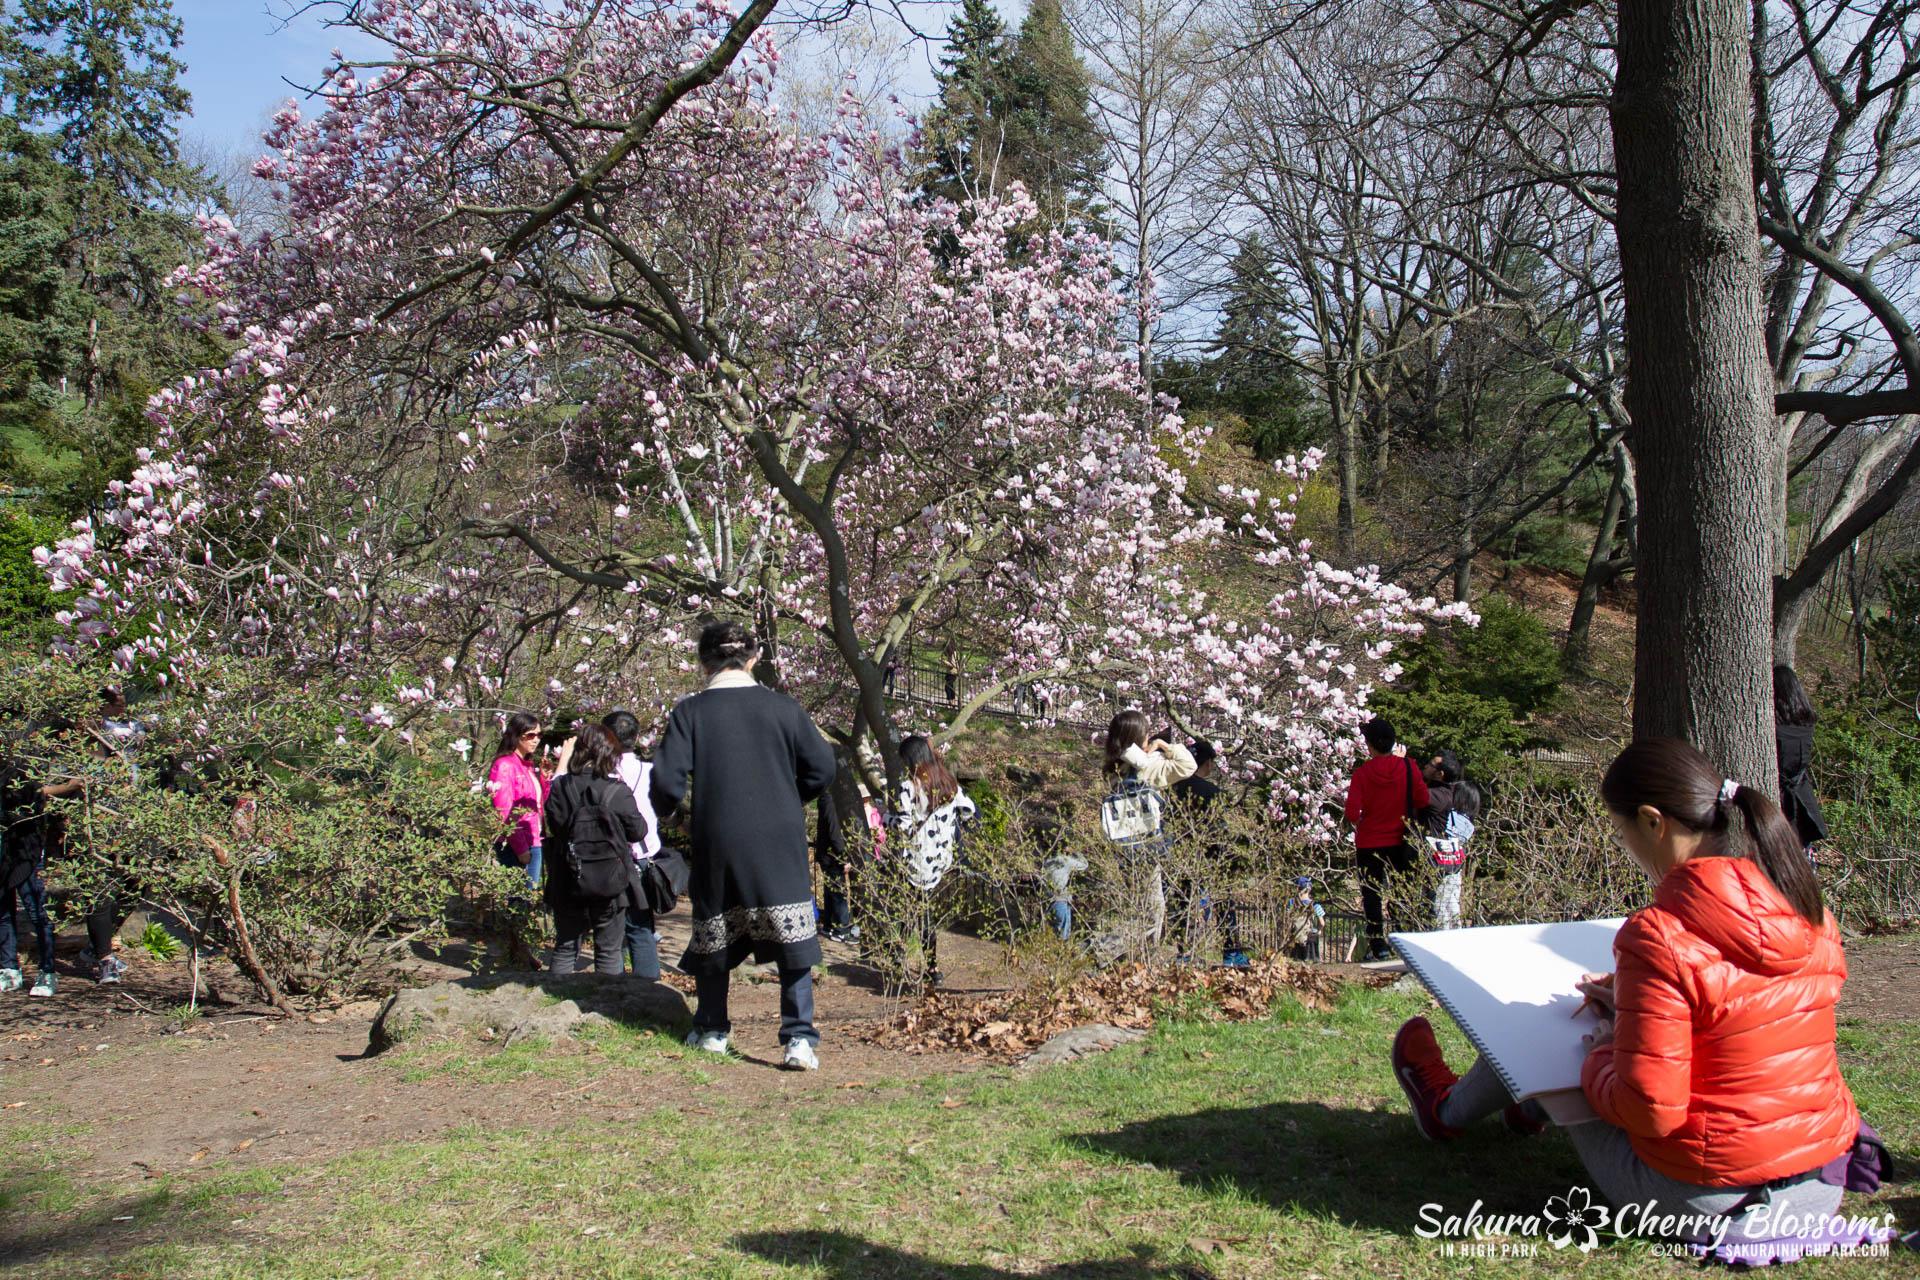 Sakura-Watch-April-28-2017-full-bloom-throughout-High-Park-5718.jpg